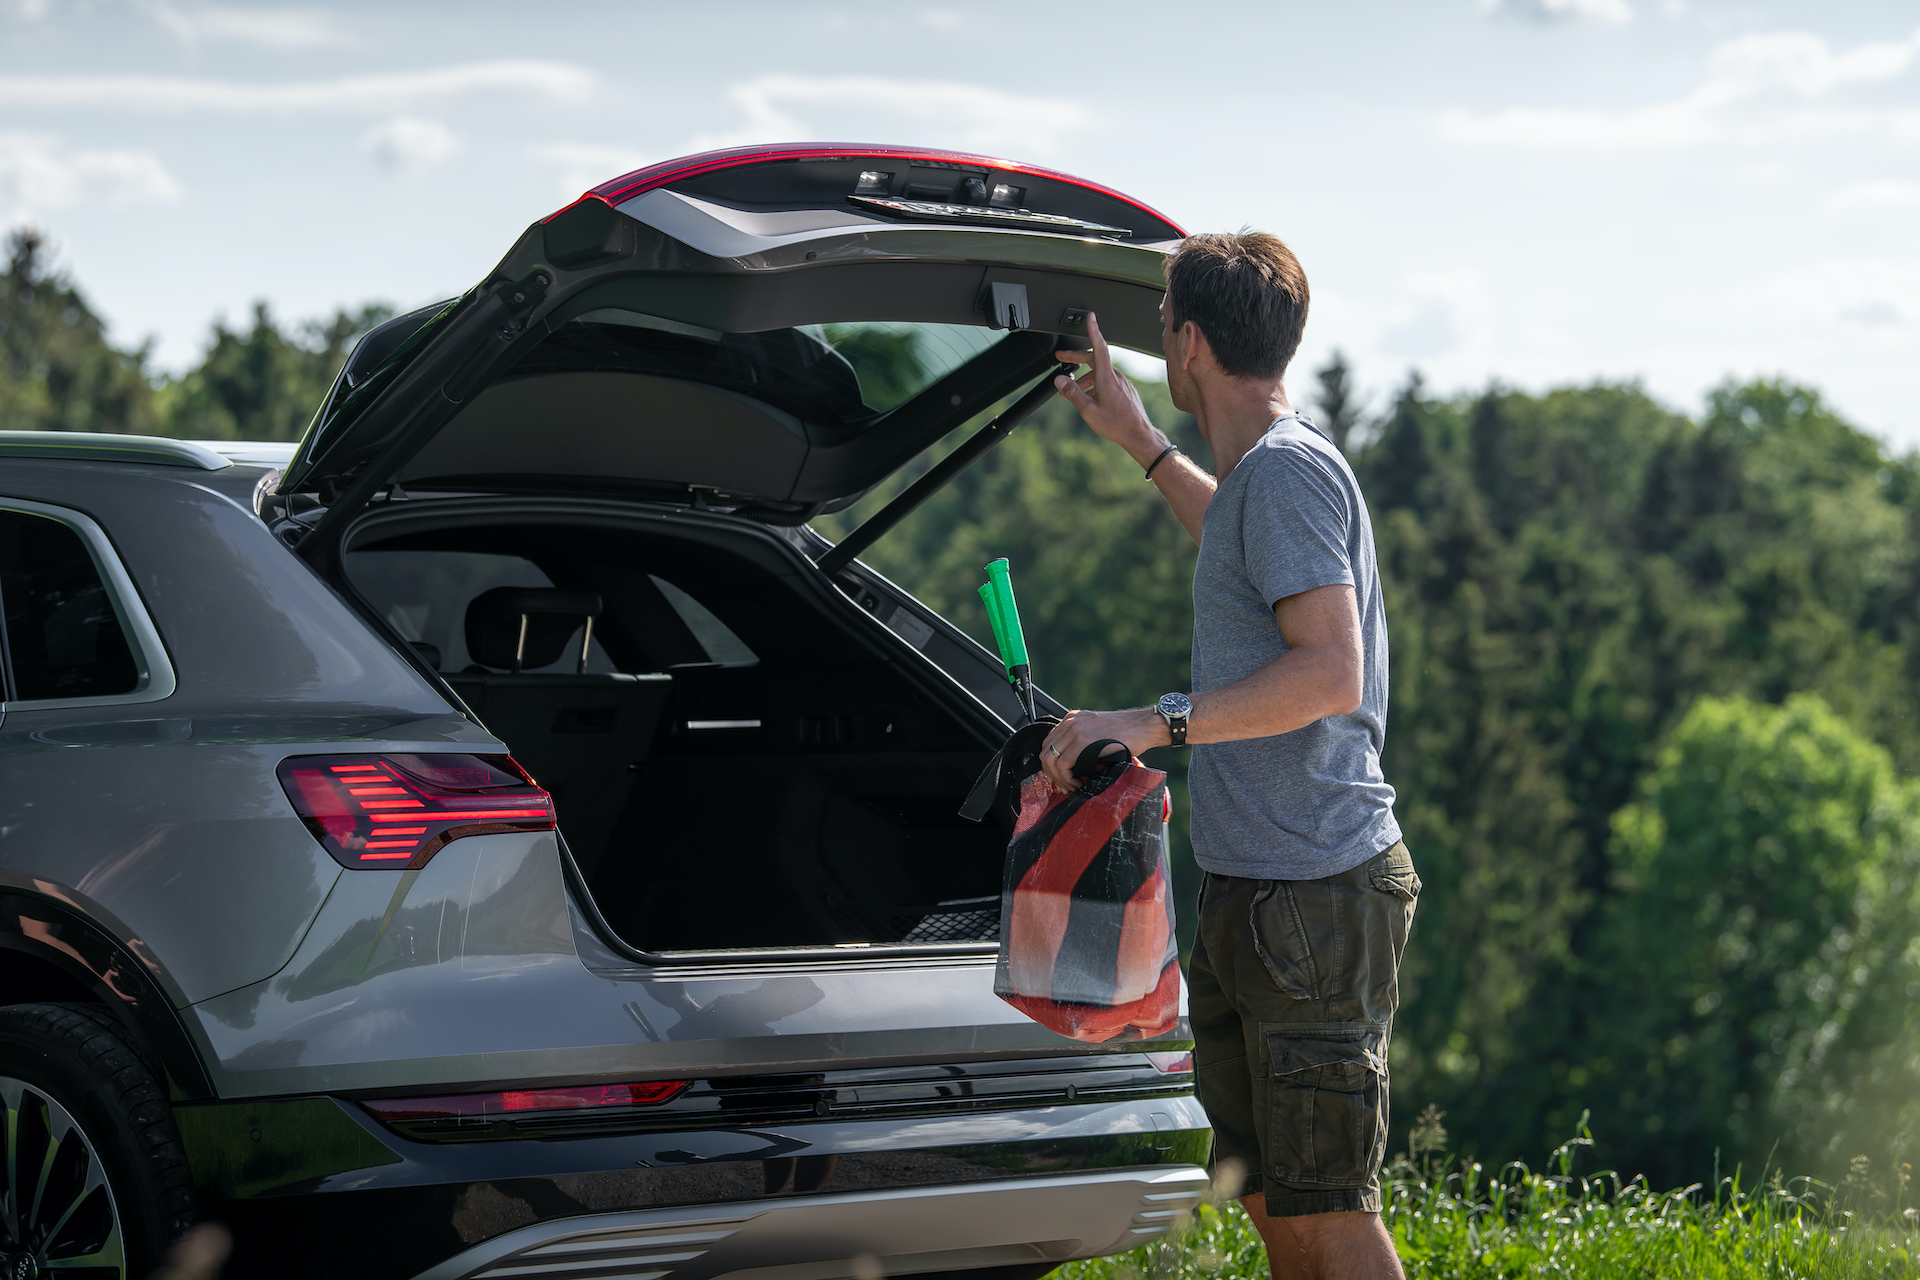 Il bagagliaio dell'Audi e-tron è capace di 660litri. Poiché non c'è un motore a combustione nella parte anteriore dell'auto, qui si trova un ulteriore vano porta oggetti, ad esempio per il cavo di ricarica – «o per una torta fredda per il picnic», afferma entusiasta Mandioni. (Tom Lüthi)